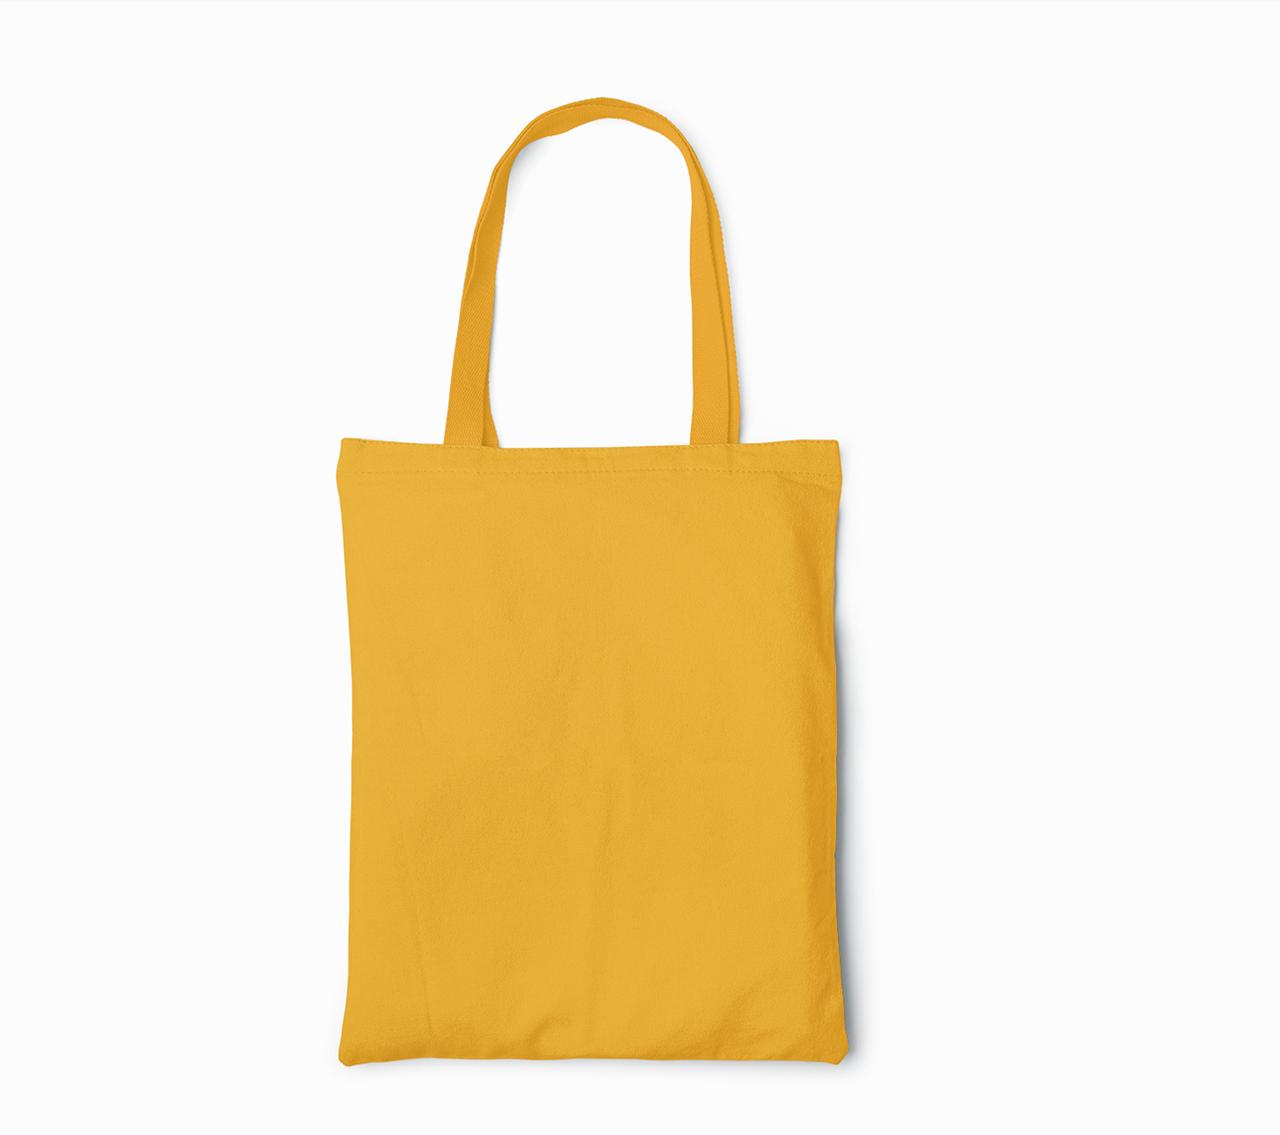 Пляжная сумка/Промо сумка (габардин) для печати цвет ОРАНЖЕВЫЙ